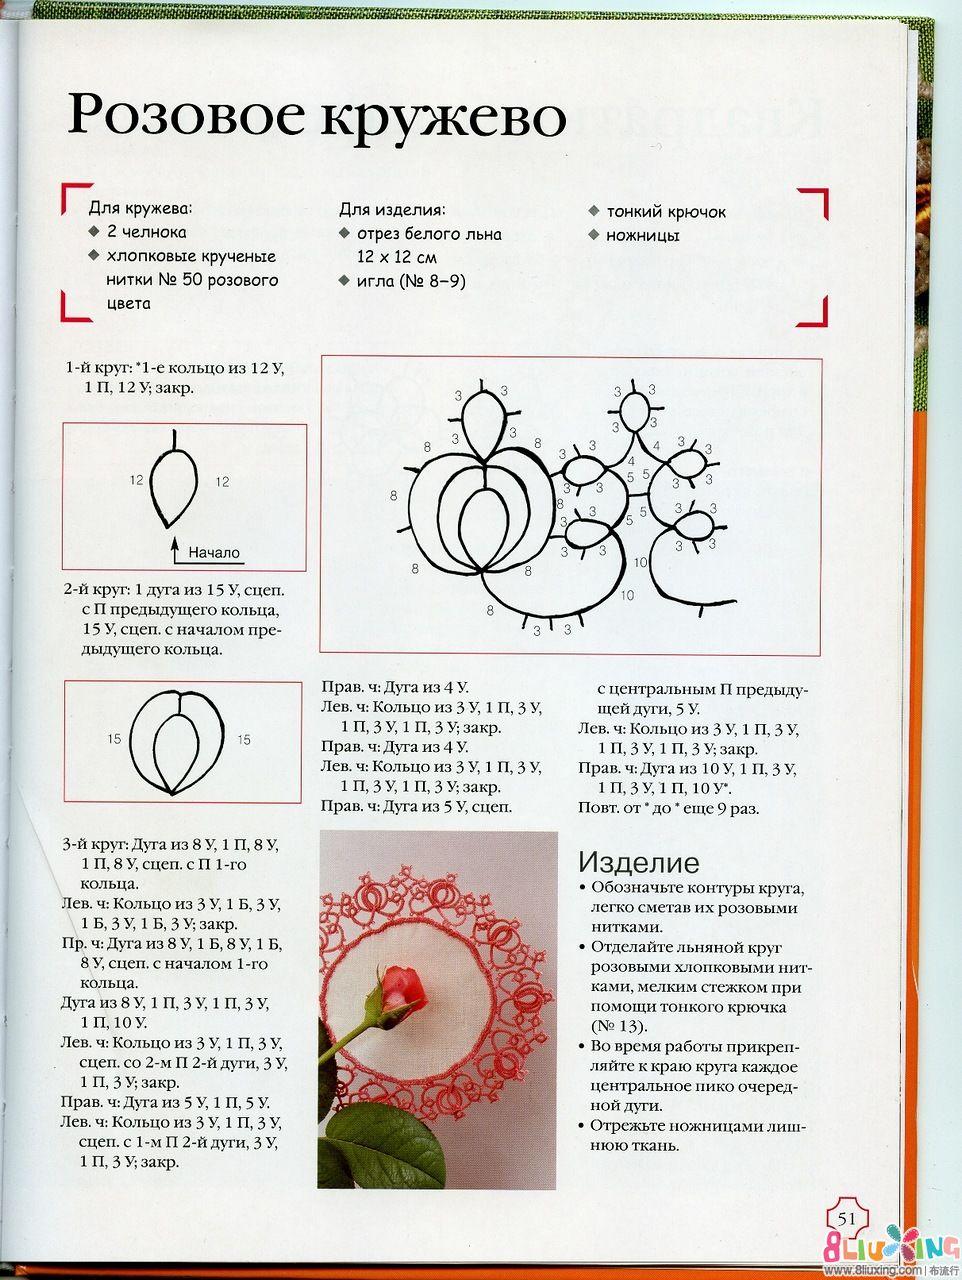 【梭编】多重花边图片的装饰圆圈-专机下载元宝图案的v花边图纸图纸图片